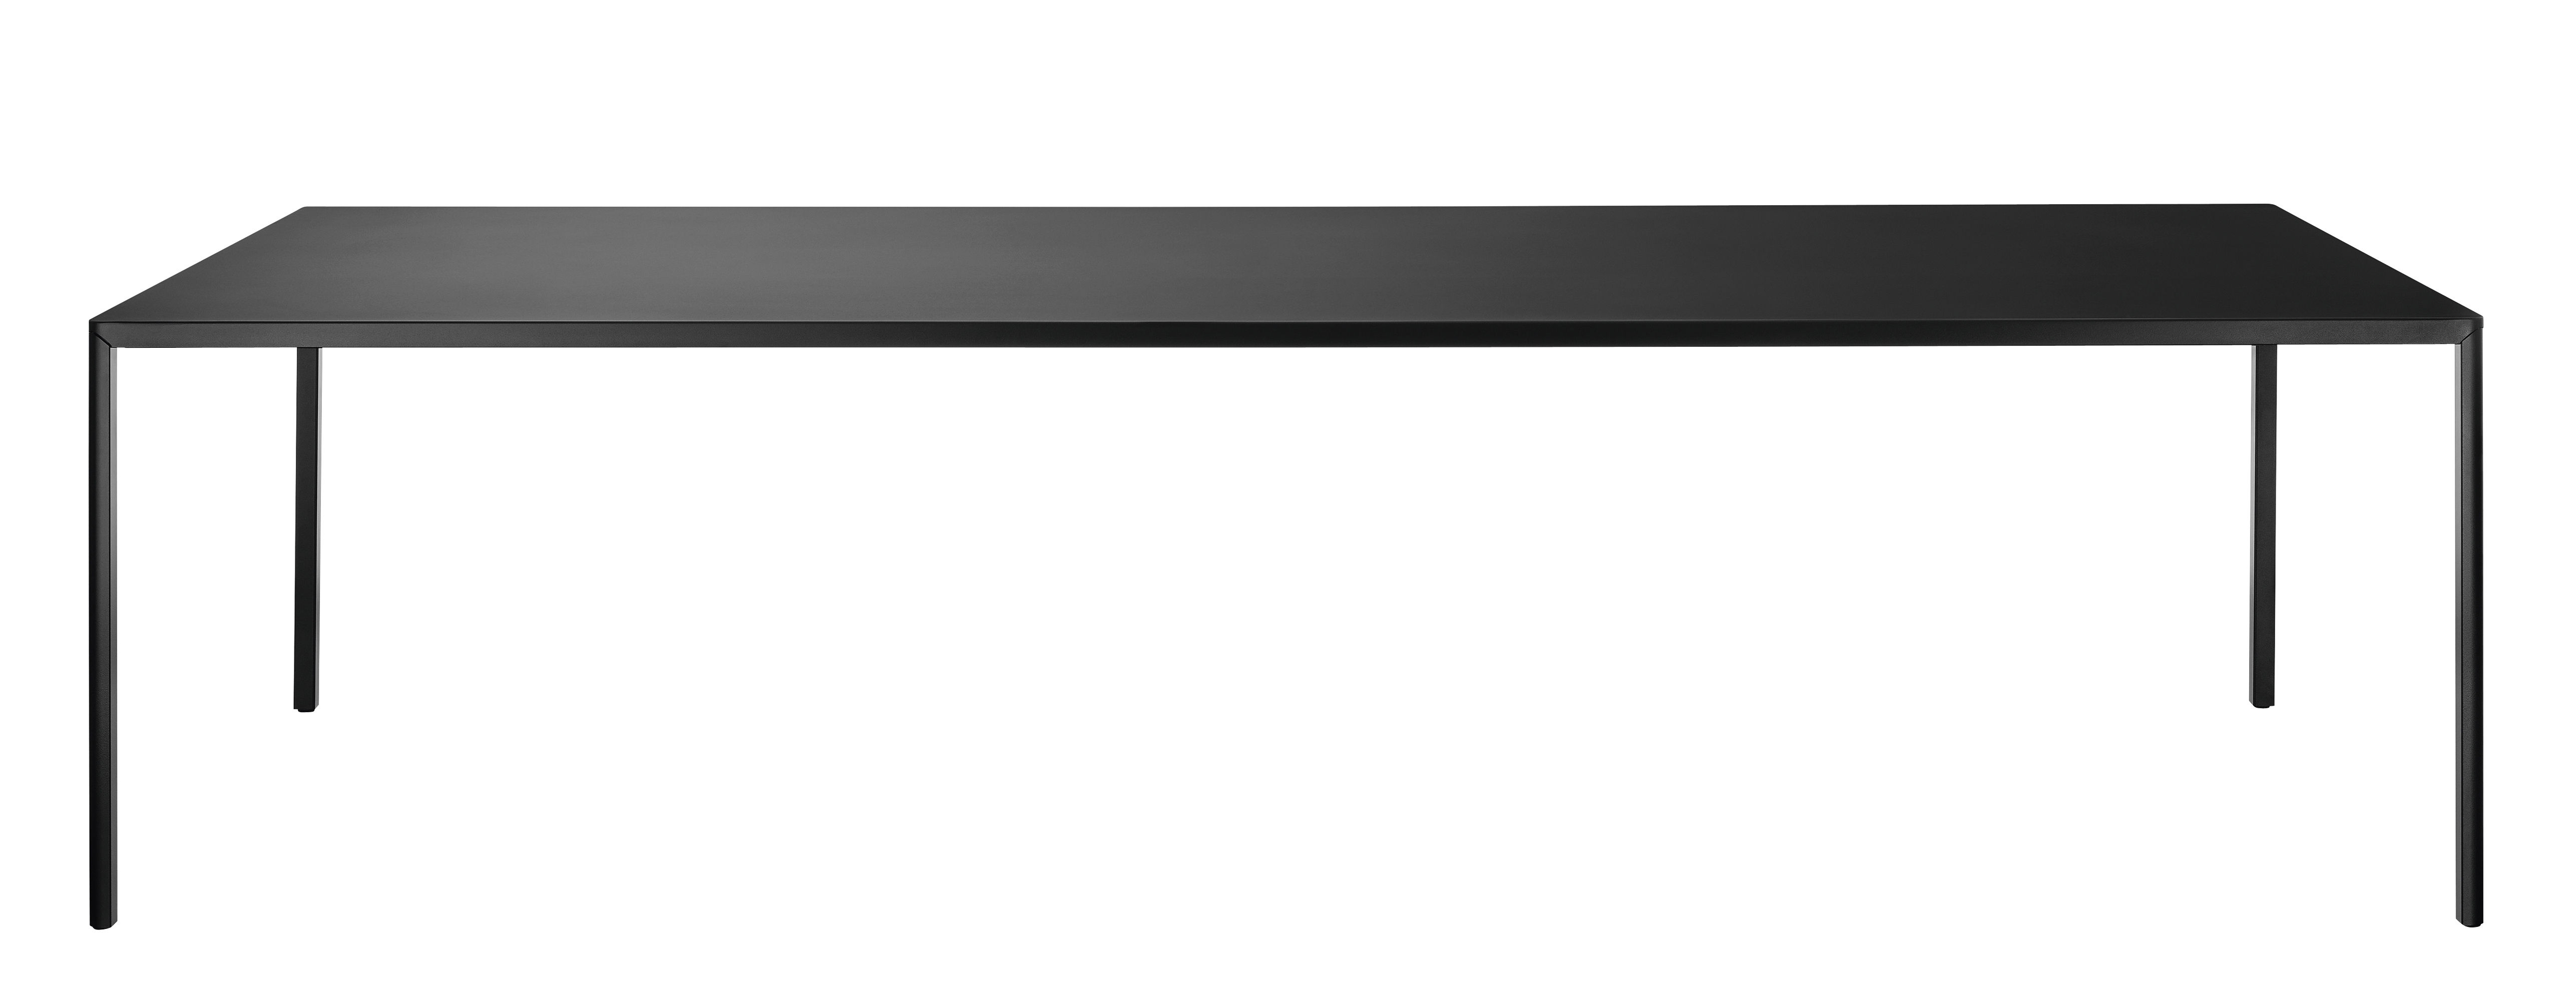 Outdoor - Tavoli  - Tavolo rettangolare Passe-partout Outdoor - / 240 x 110 cm di Magis - Nero - Acciaio verniciato, alluminio verniciato